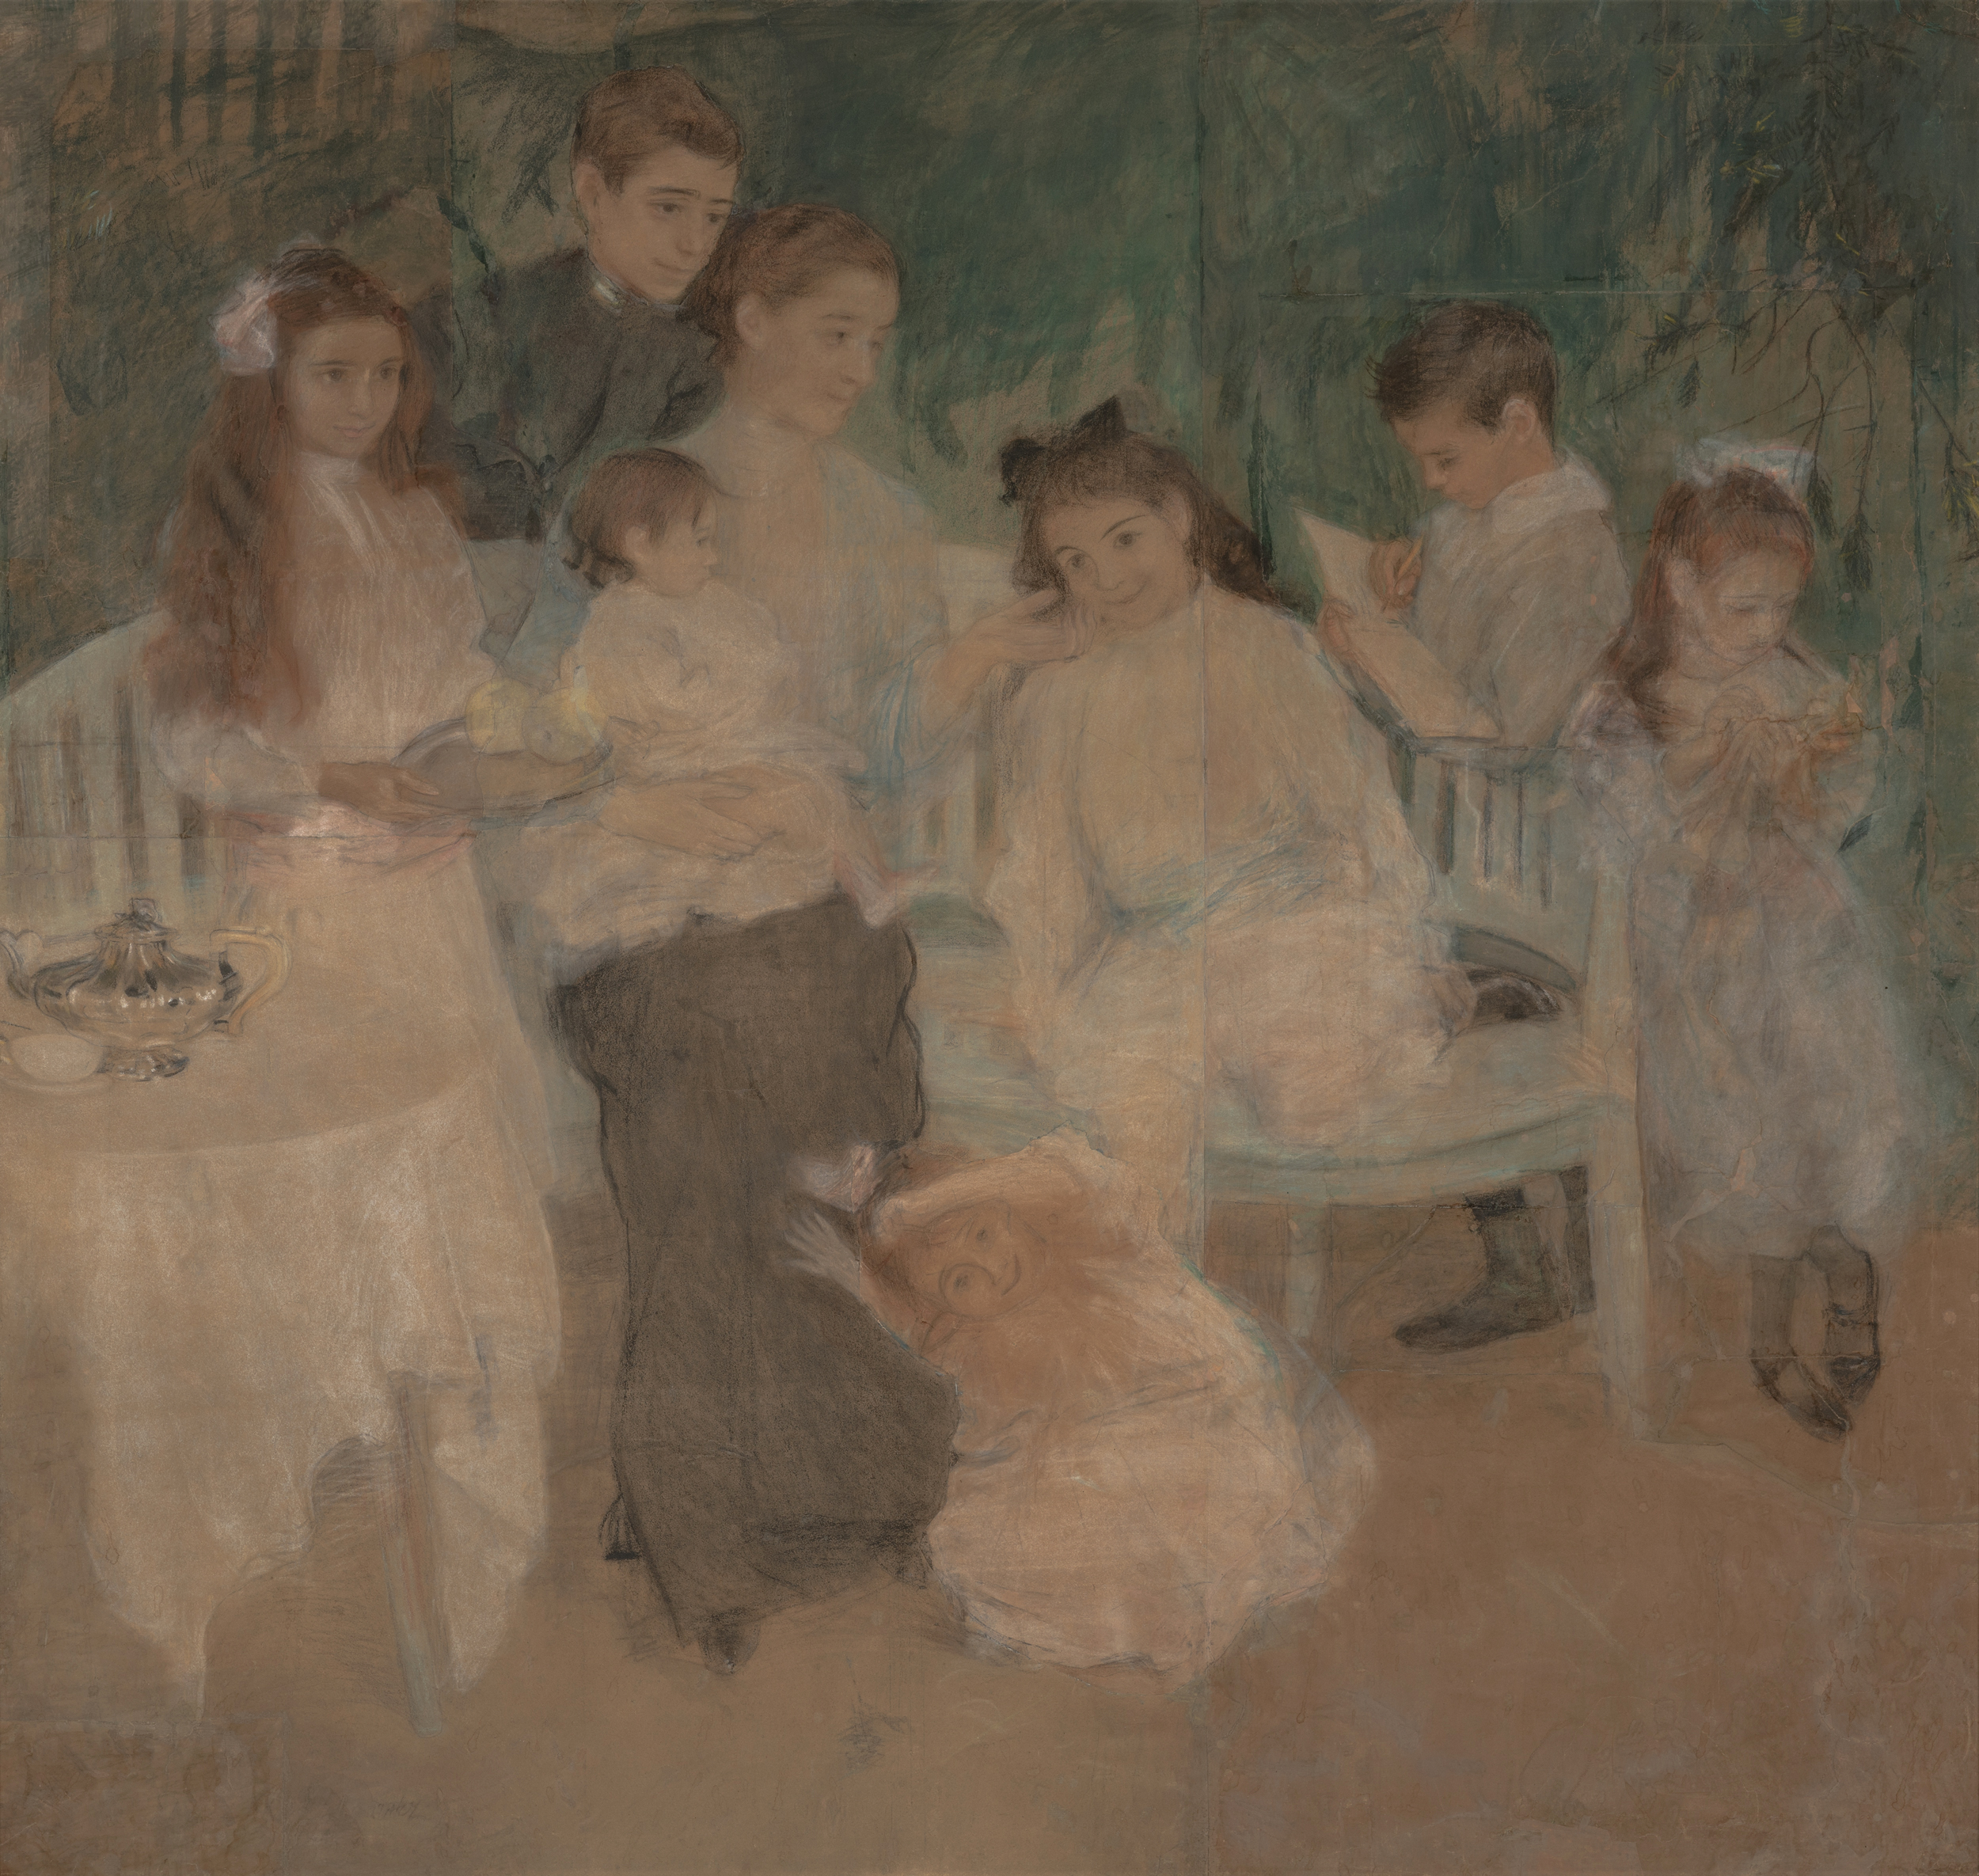 """Teodor Axentowicz (1859 - 1938) """"Rodzina artysty w Zakopanem"""", 1907 rok, źródło: Muzeum Śląskie w Katowicach"""